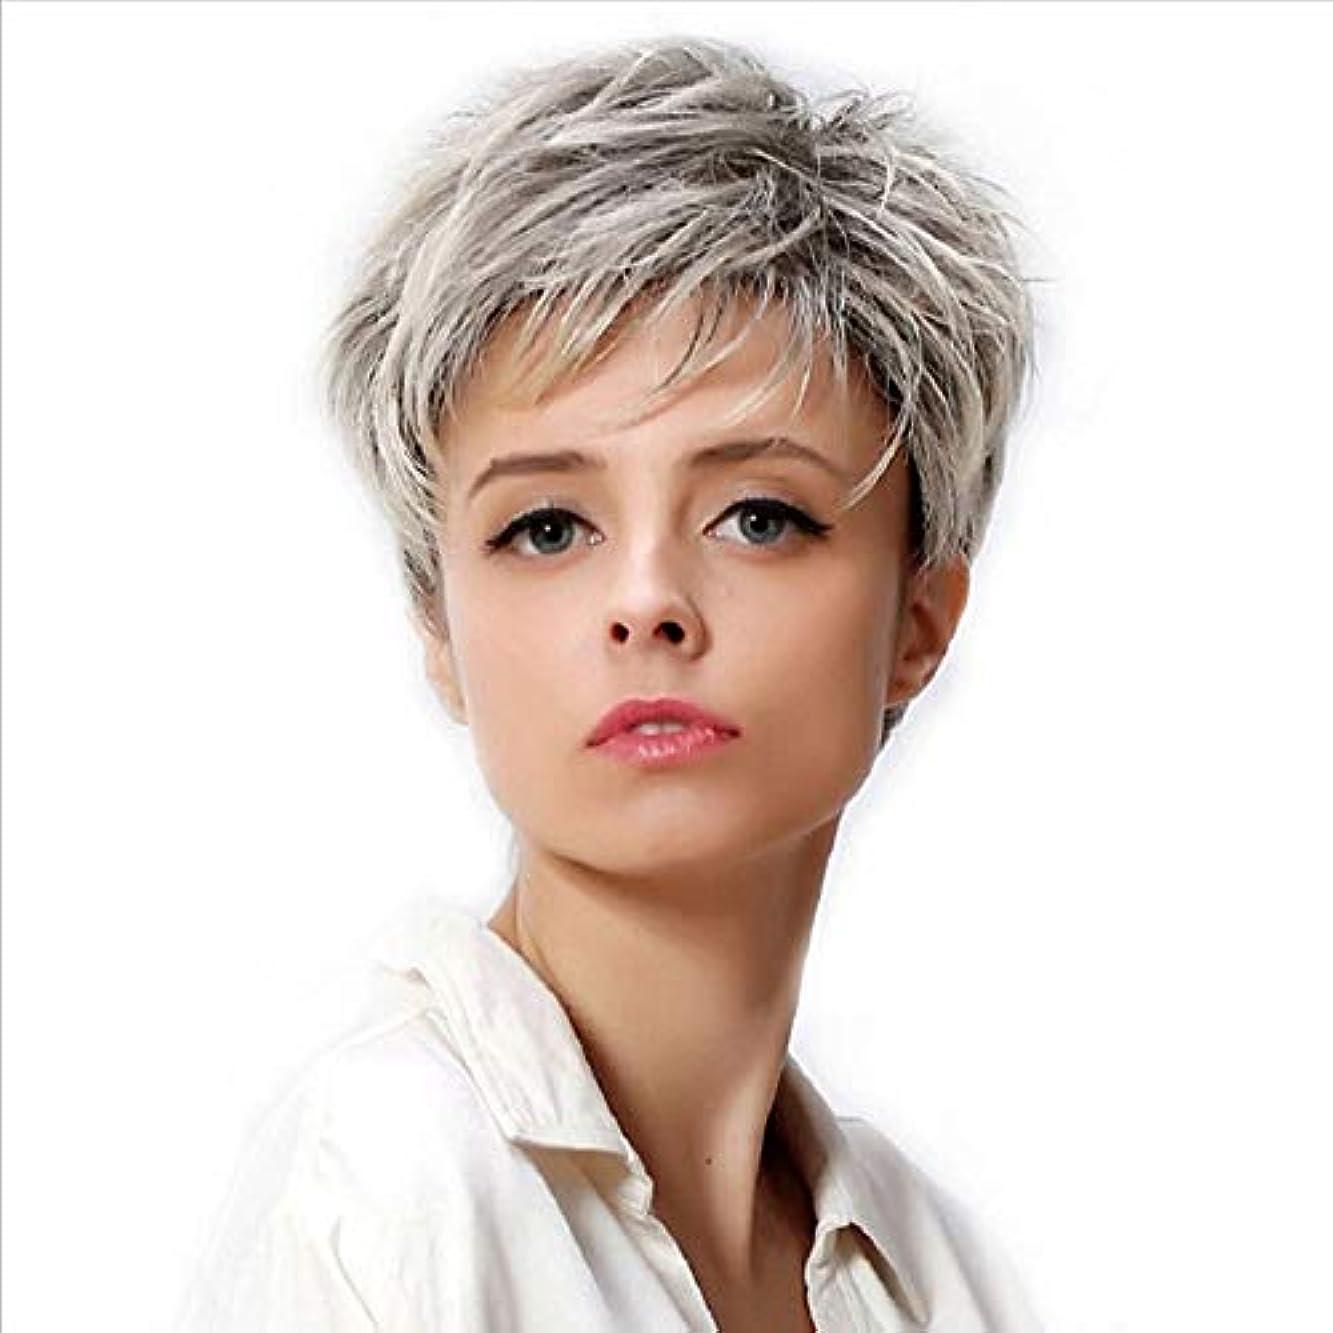 前件堤防ポーチWASAIO 女性の短い銀のかつらグレー合成繊維ふわふわ髪のかつら (色 : グレー)